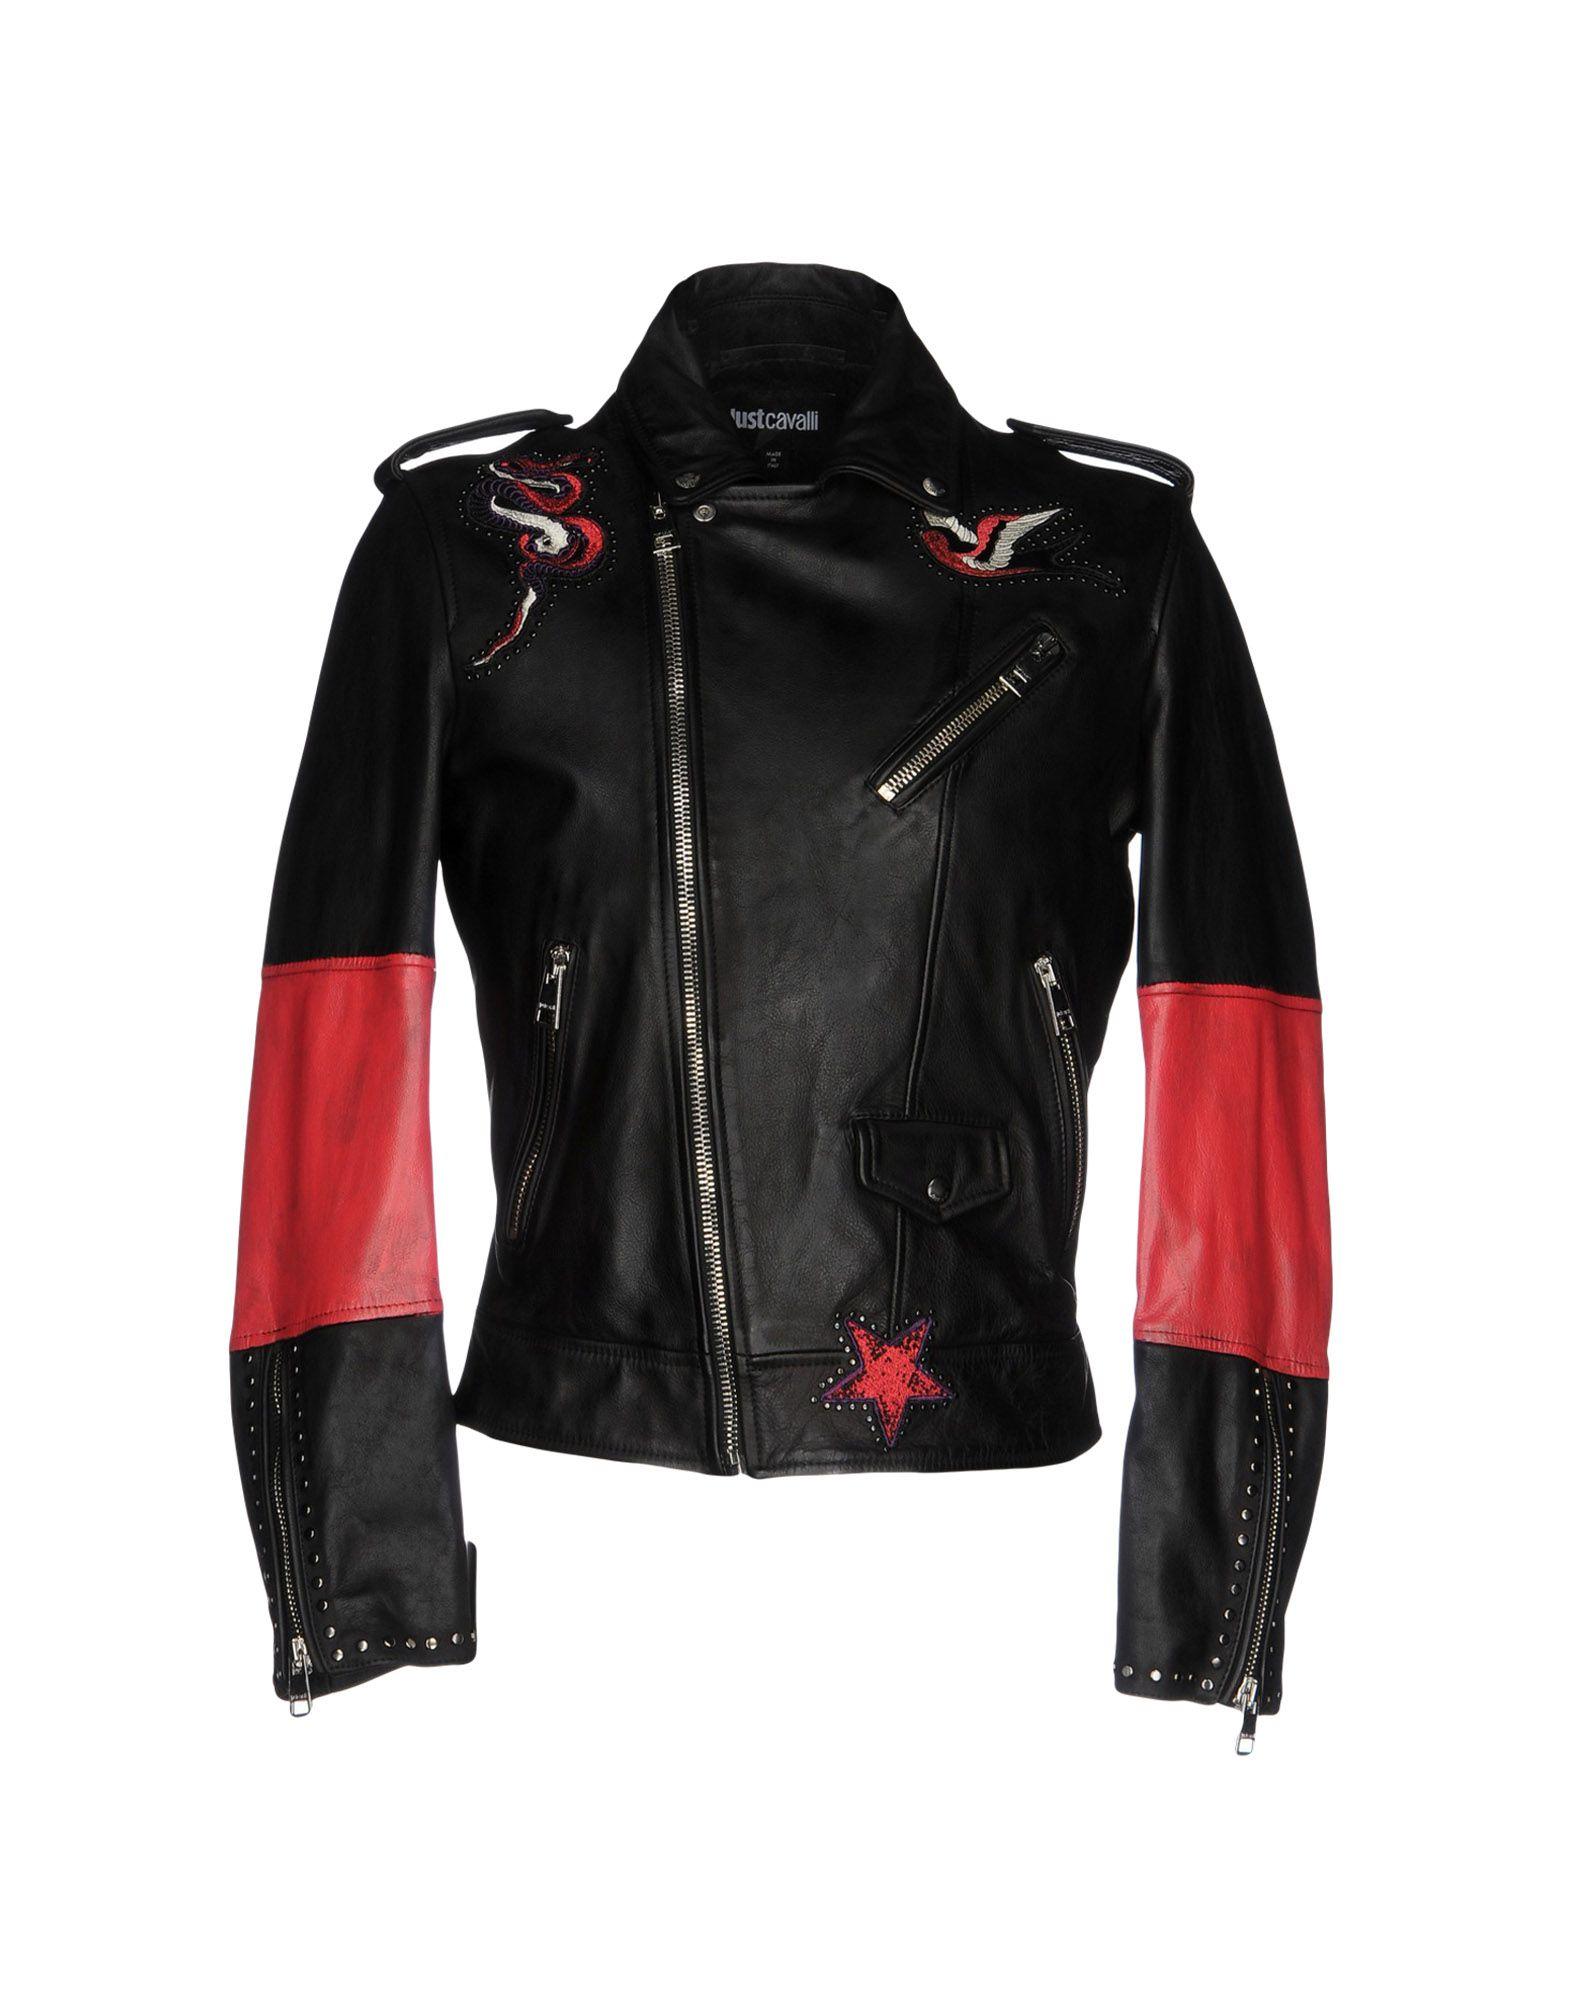 JUST CAVALLI Herren Jacke Farbe Schwarz Größe 4